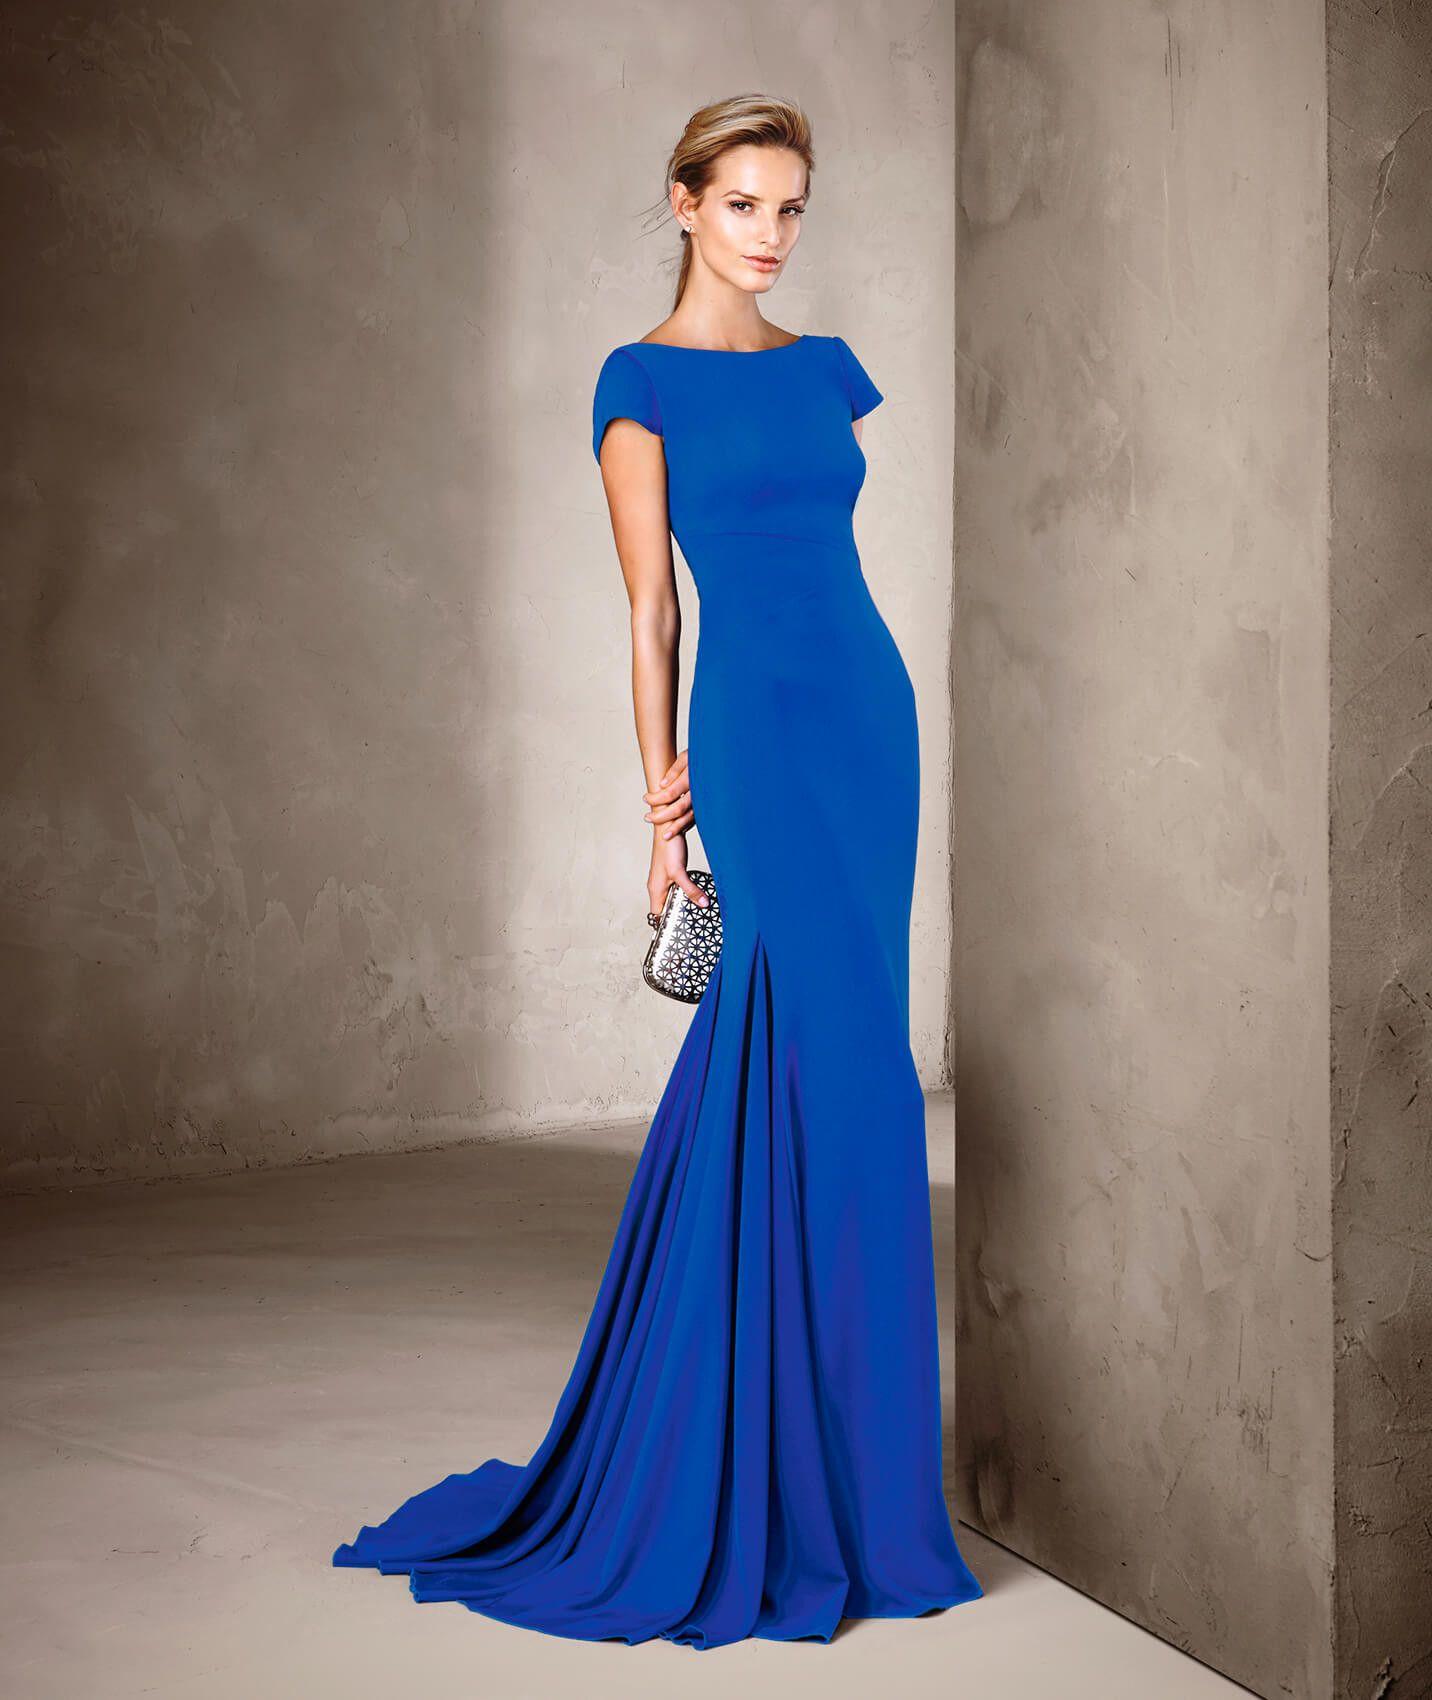 a0b38df0ea Descubre el modelo de vestido CIRIT de Pronovias. Un vestido largo de estilo  sirena hecho con crepe perfecto para ti en la colección de Vestidos de  Fiesta.